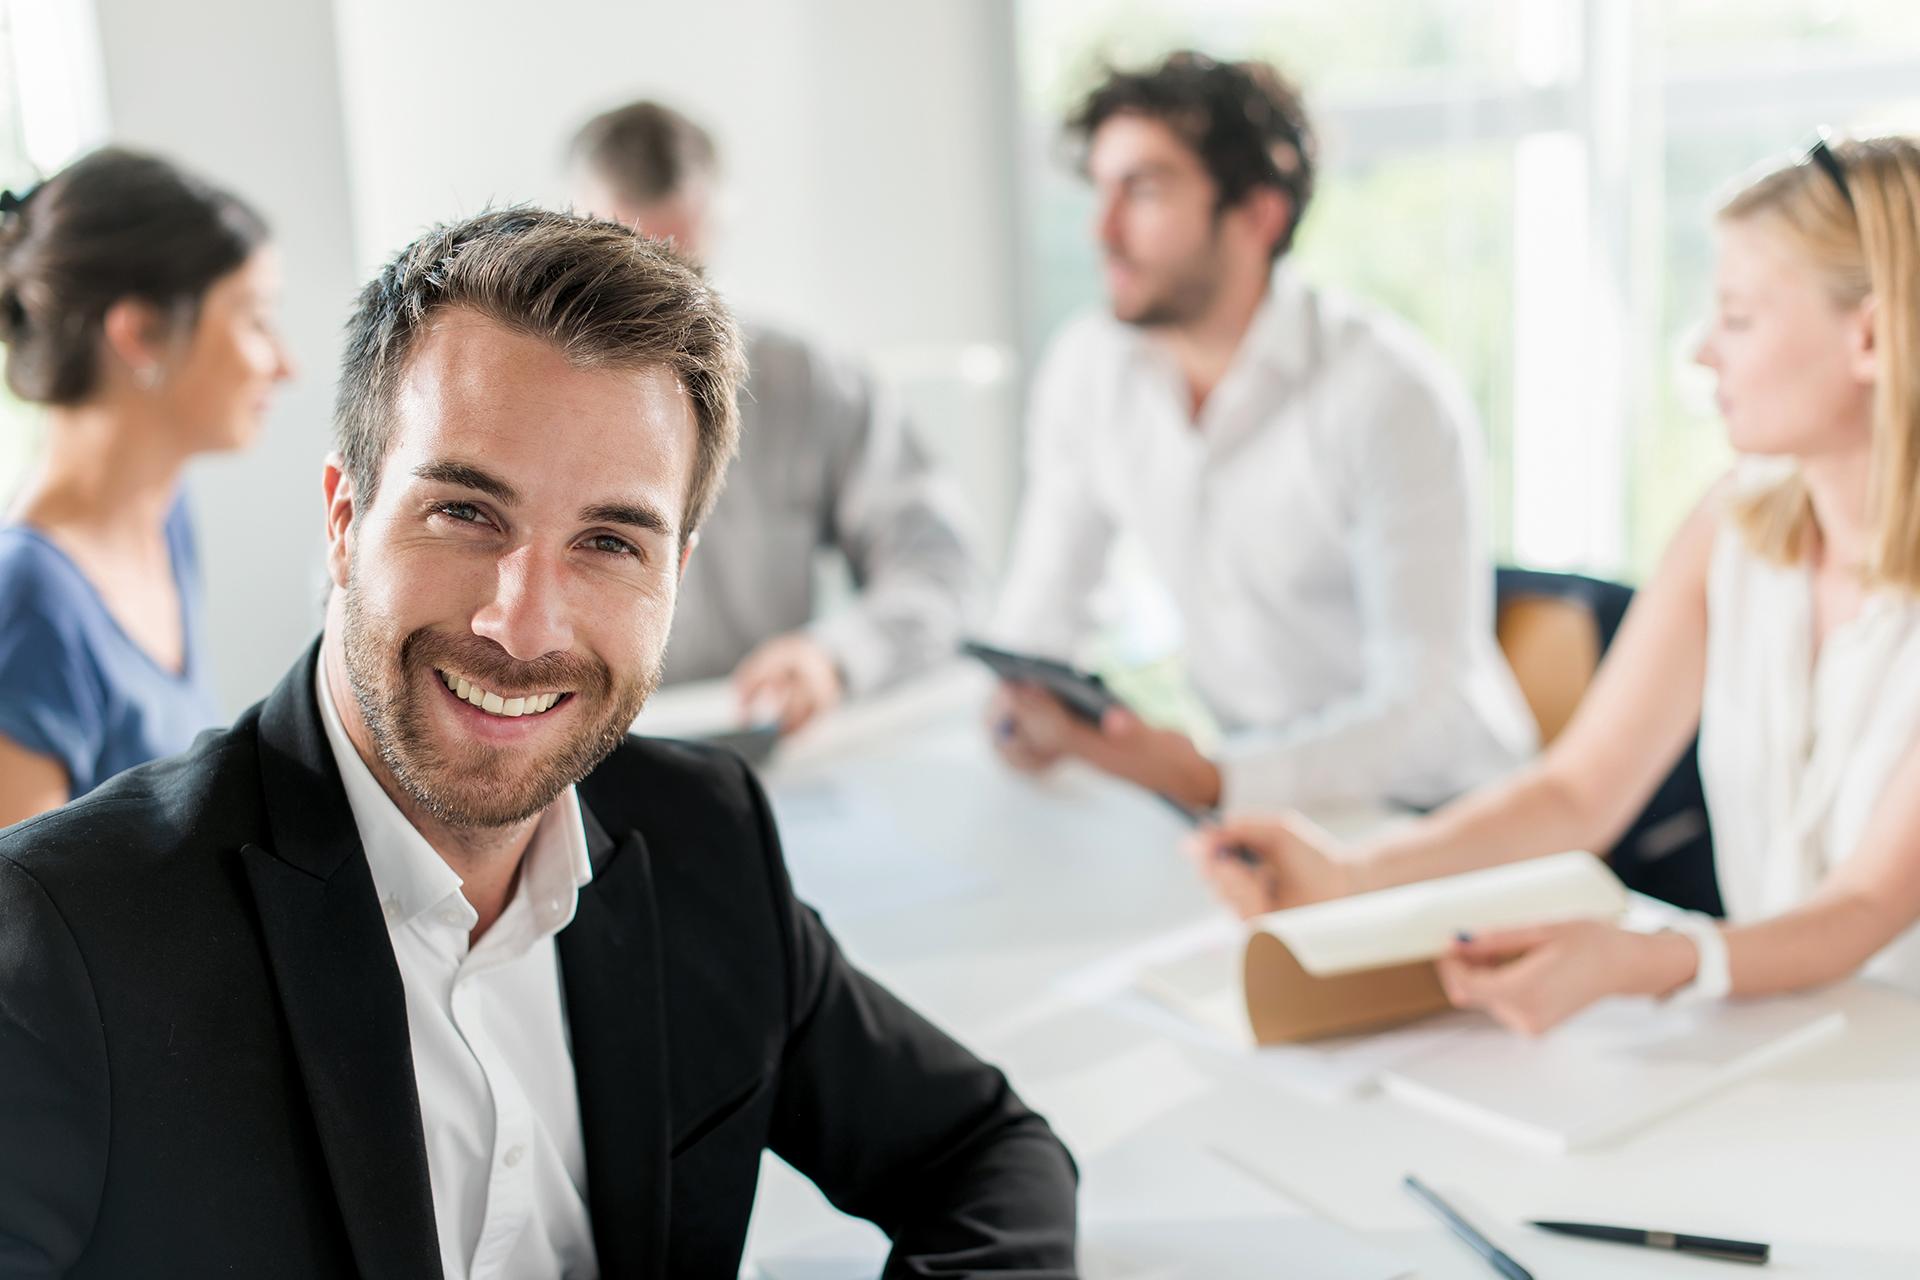 Geprüfter Betriebswirt lächelt in die Kamera während Arbeitskollegen im Hintergrund diskutieren